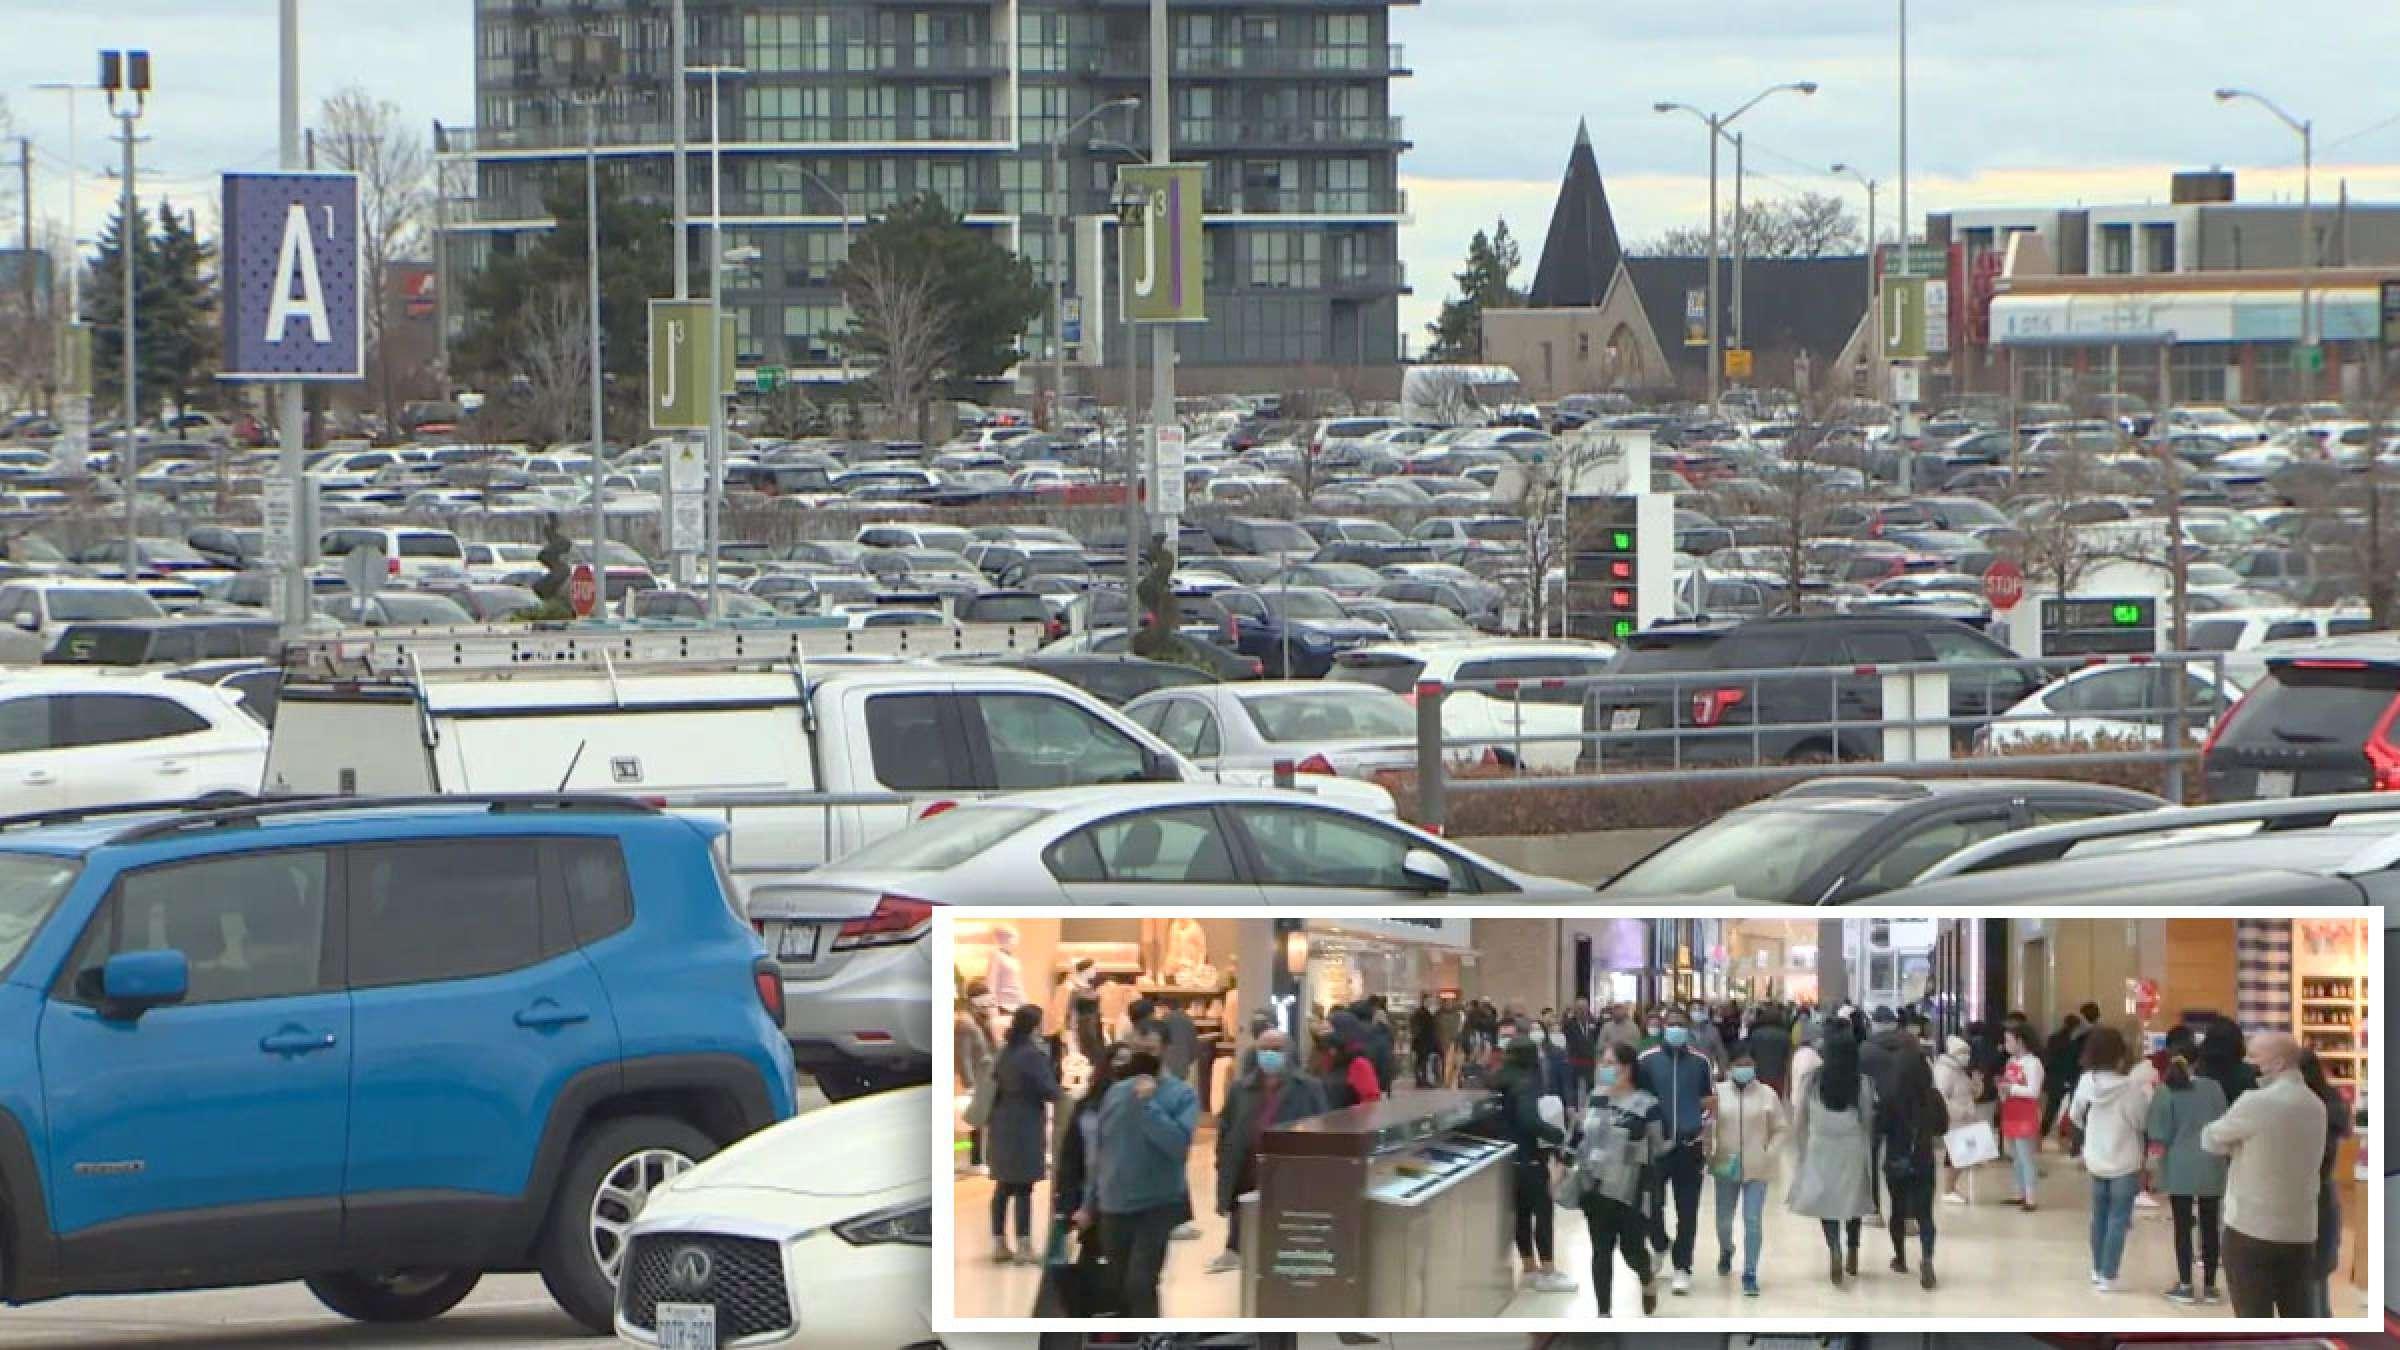 اخبار-تورنتو-هجوم-مردم-به-فروشگاههای-تورنتو-پیش-از-بسته-شدن-بعلت-کرونا